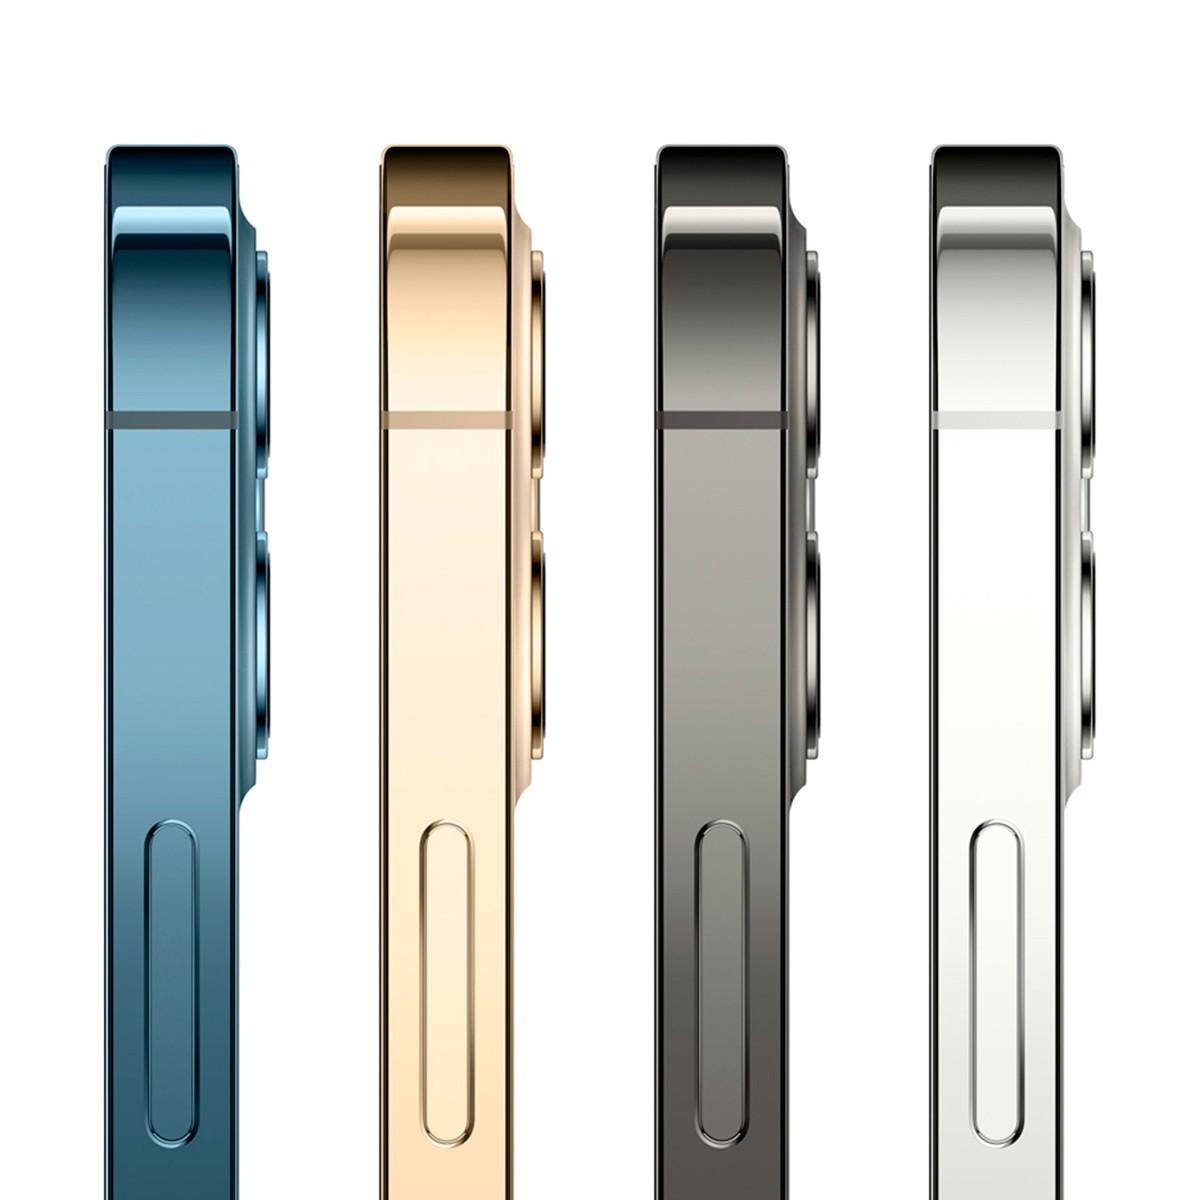 """iPhone 12 Pro Max Azul Pacífico ou Graphite com Tela de 6,7"""", 5G, 128 GB e Câmera Tripla de 12MP"""